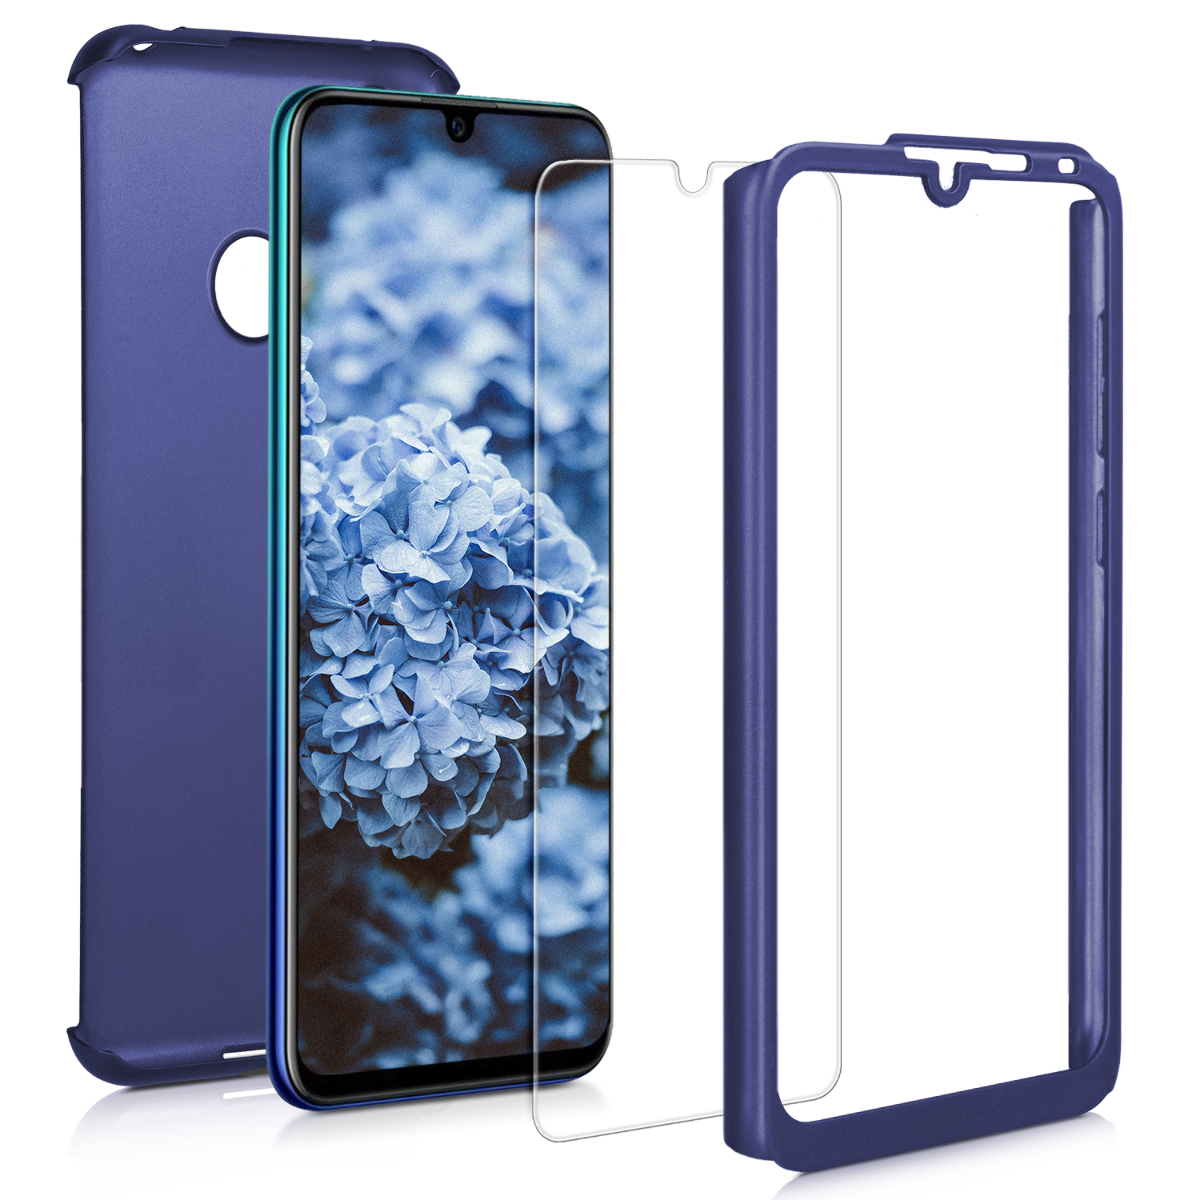 KW Θήκη Full Body Huawei Y7 2019 / Y7 Prime 2019 & Tempered Glass - Metallic Blue (47665.64)